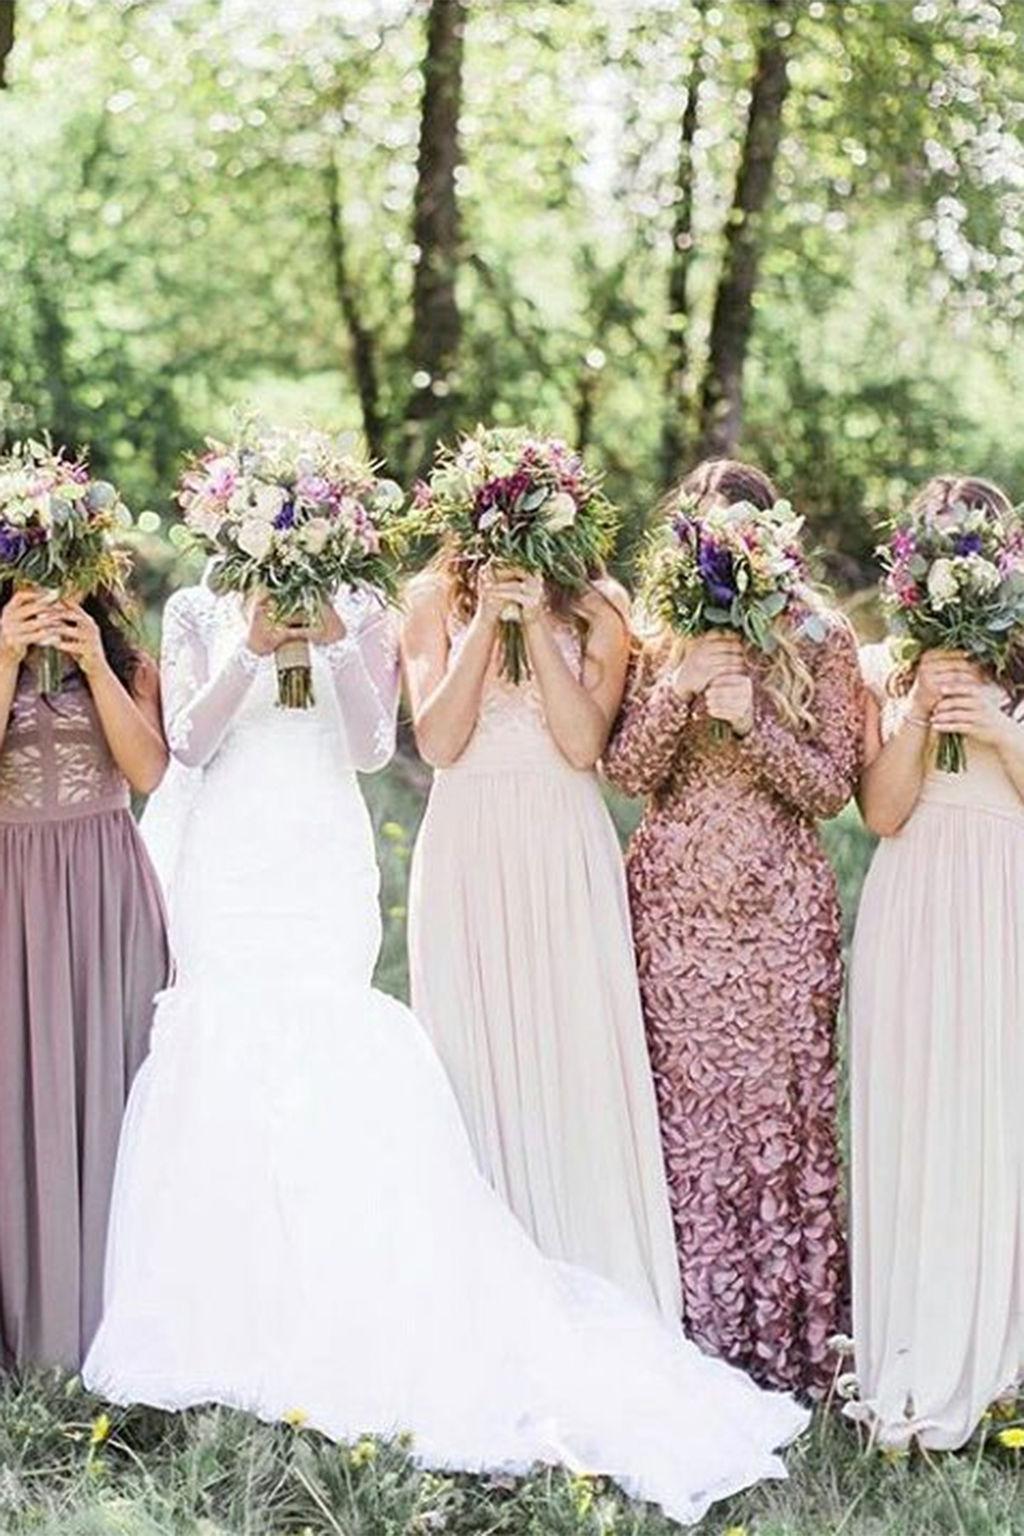 Abend Fantastisch Kleider Für Hochzeitsgäste Damen Design13 Erstaunlich Kleider Für Hochzeitsgäste Damen Vertrieb